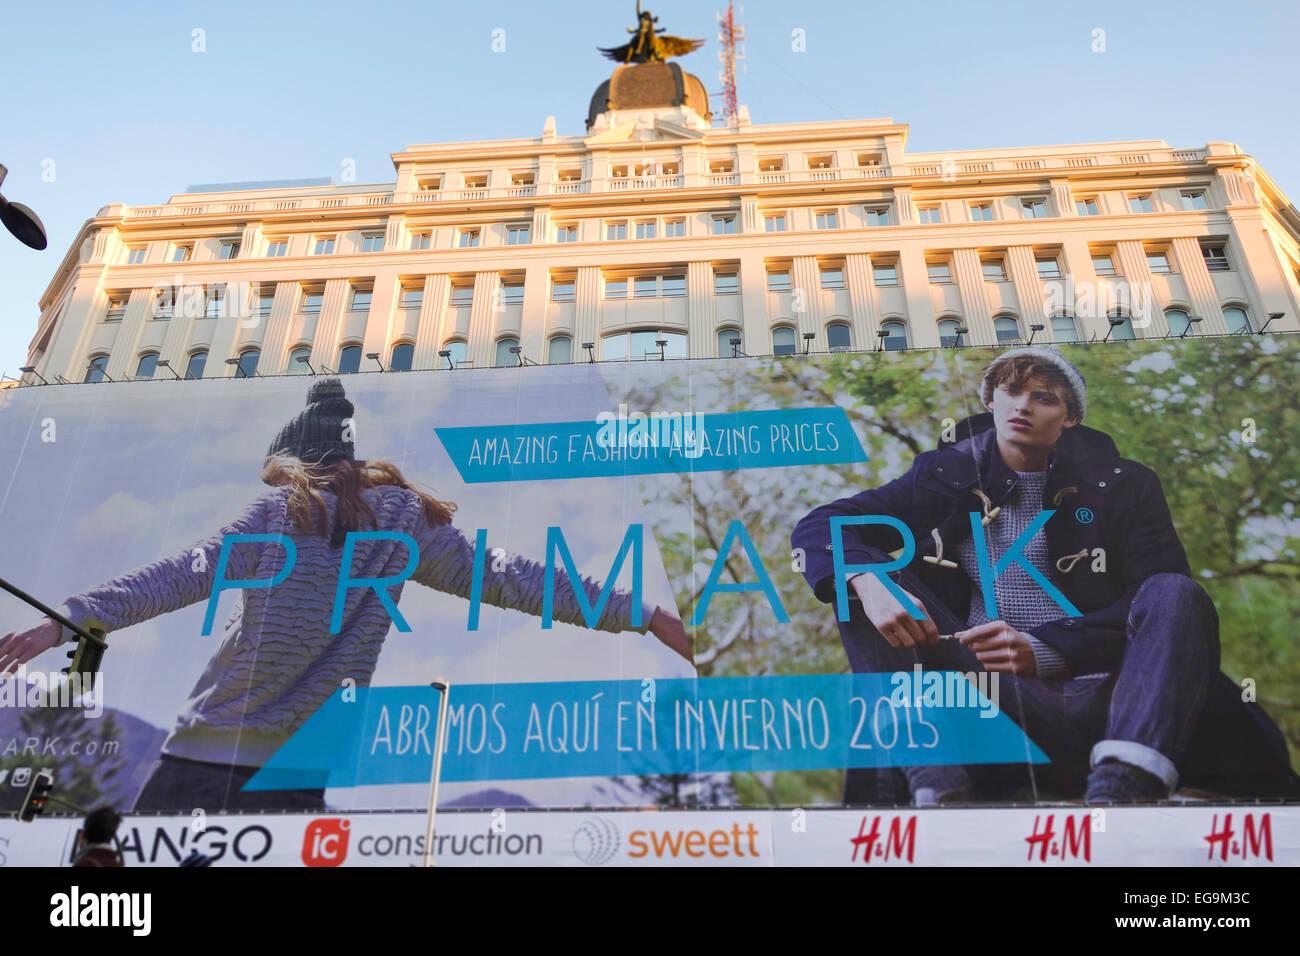 building-paris-madrid-with-huge-advertis